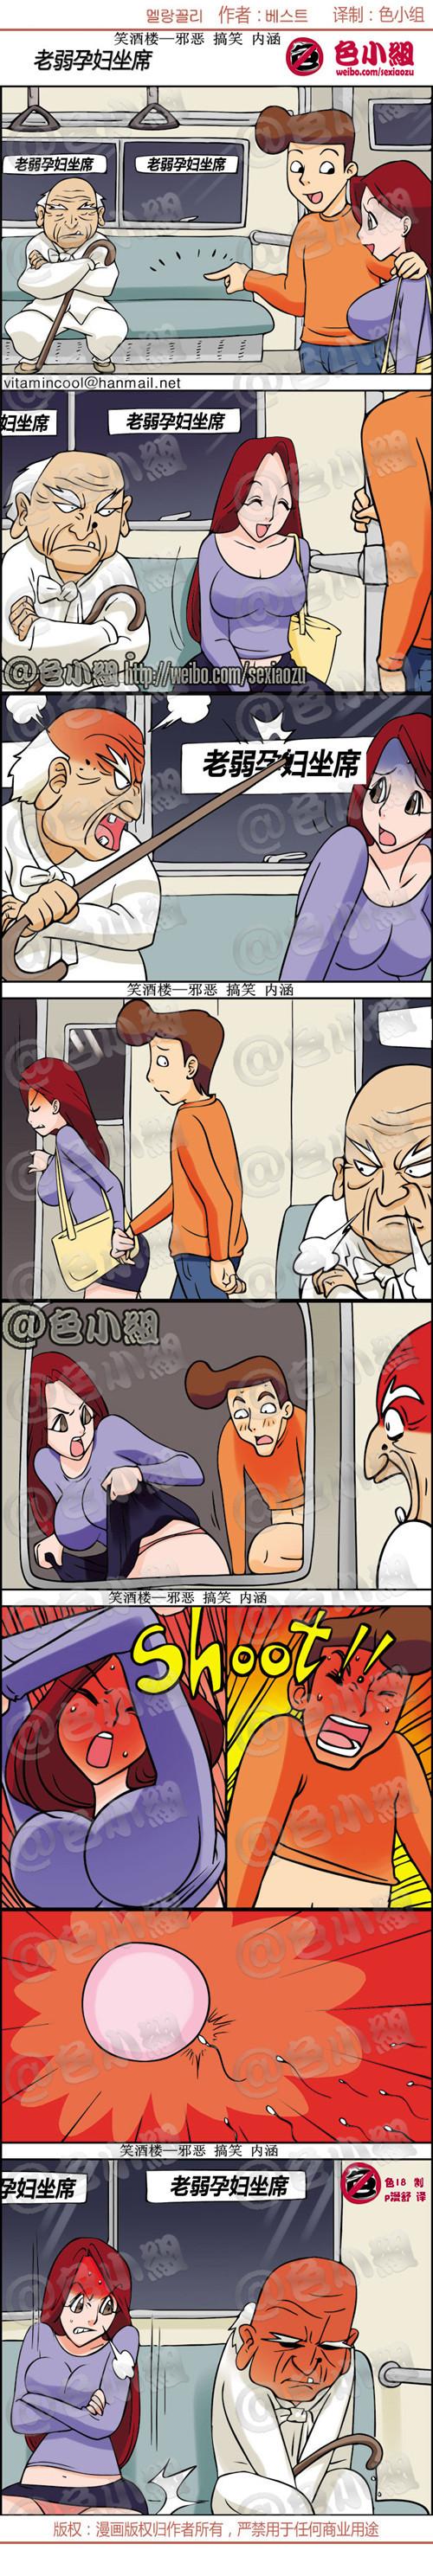 老弱孕婦坐席。 。 。 .jpg